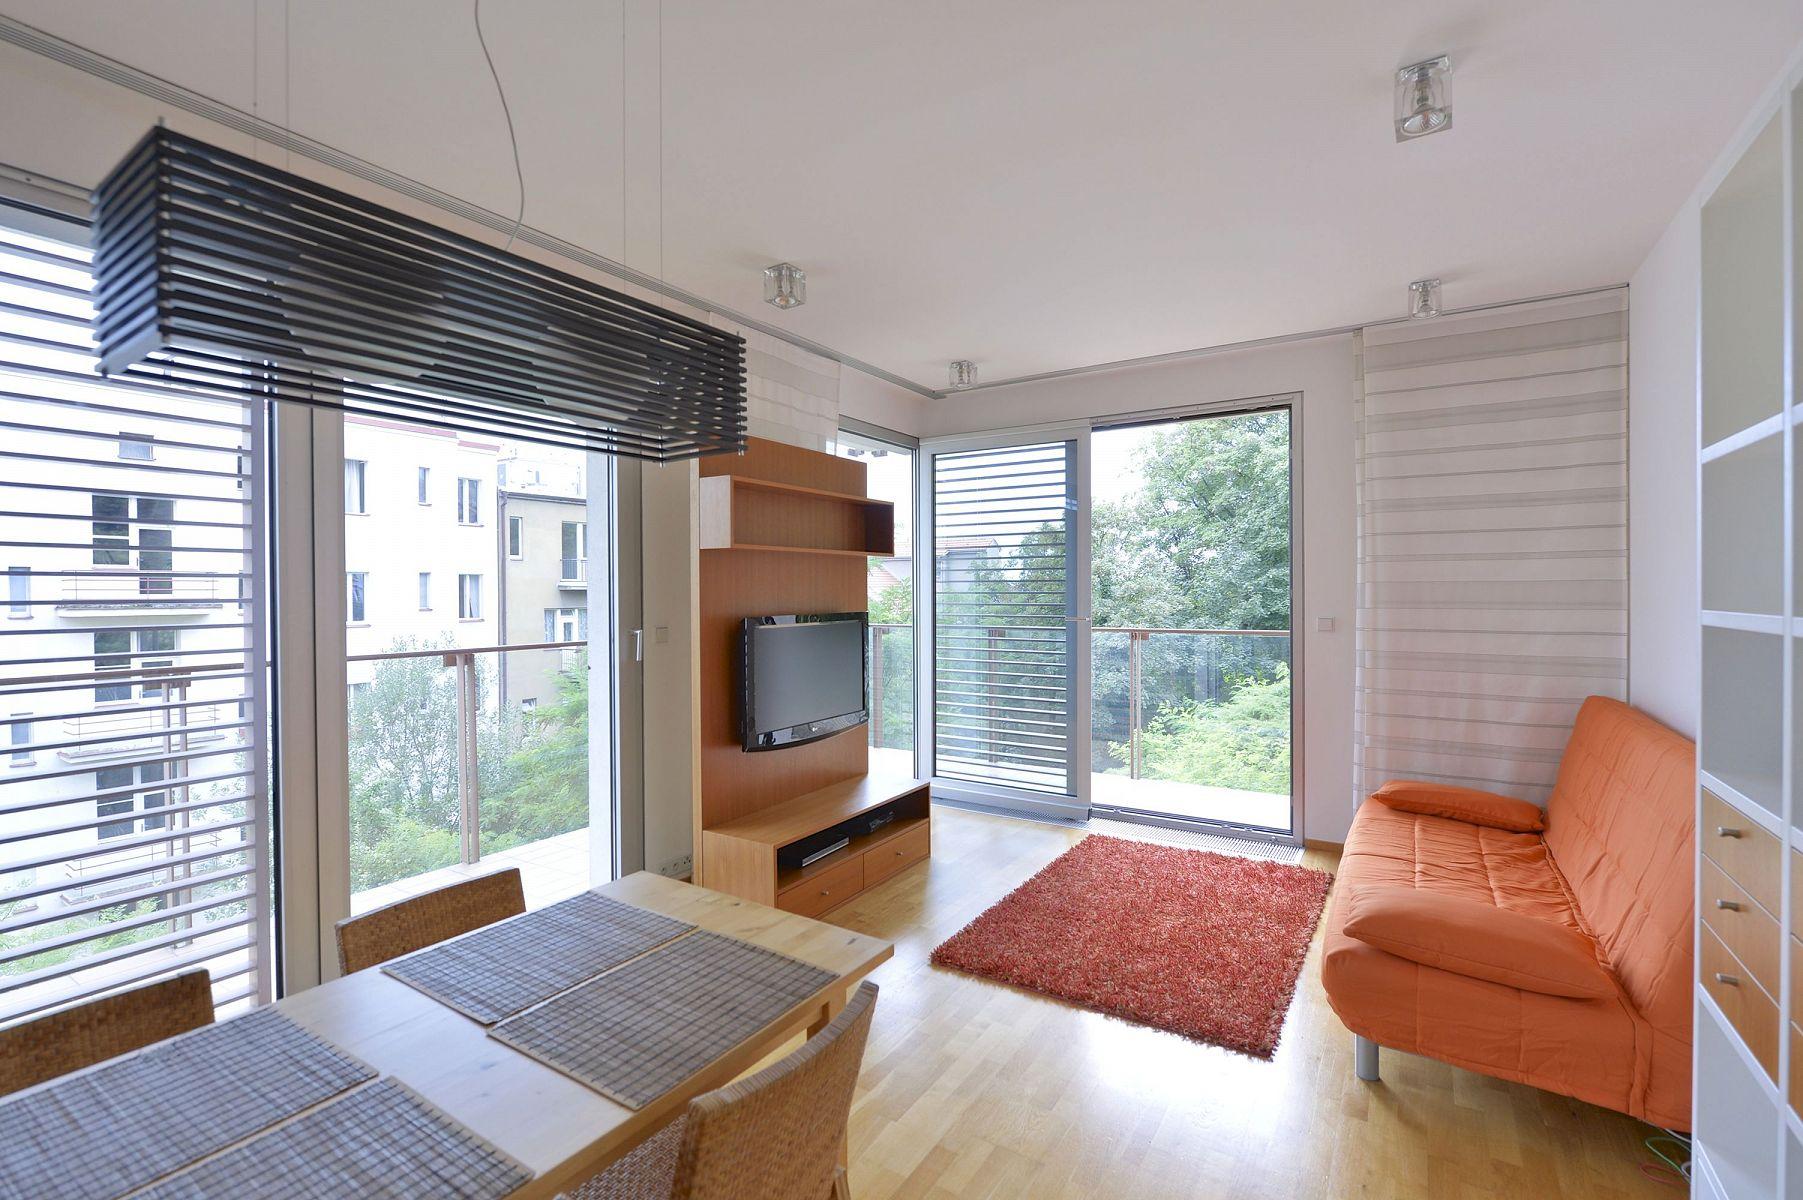 жилье для международных студентов